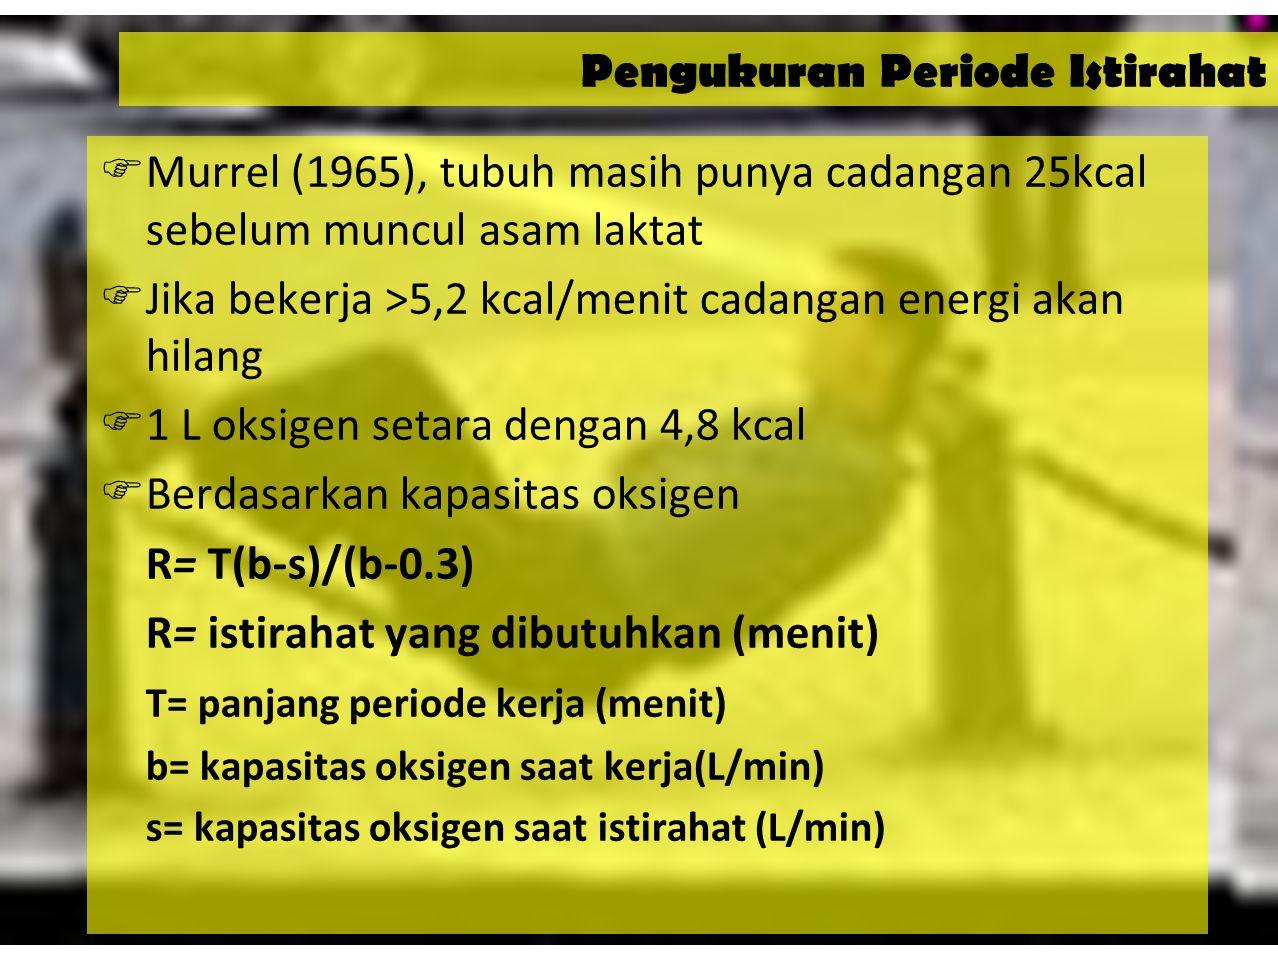 33 Standar untuk Energi Kerja  Maksimum energi yang dikonsumsi untuk melaksanakan kerja fisik berat secara terus menerus = 5,2 Kkal/menit  Dapat pula dikonversikan dalam bentuk: –Konsumsi oksigen = 1,08 liter Oksigen/menit –Tenaga/Daya = 21,84 KJ/menit = 364 watt